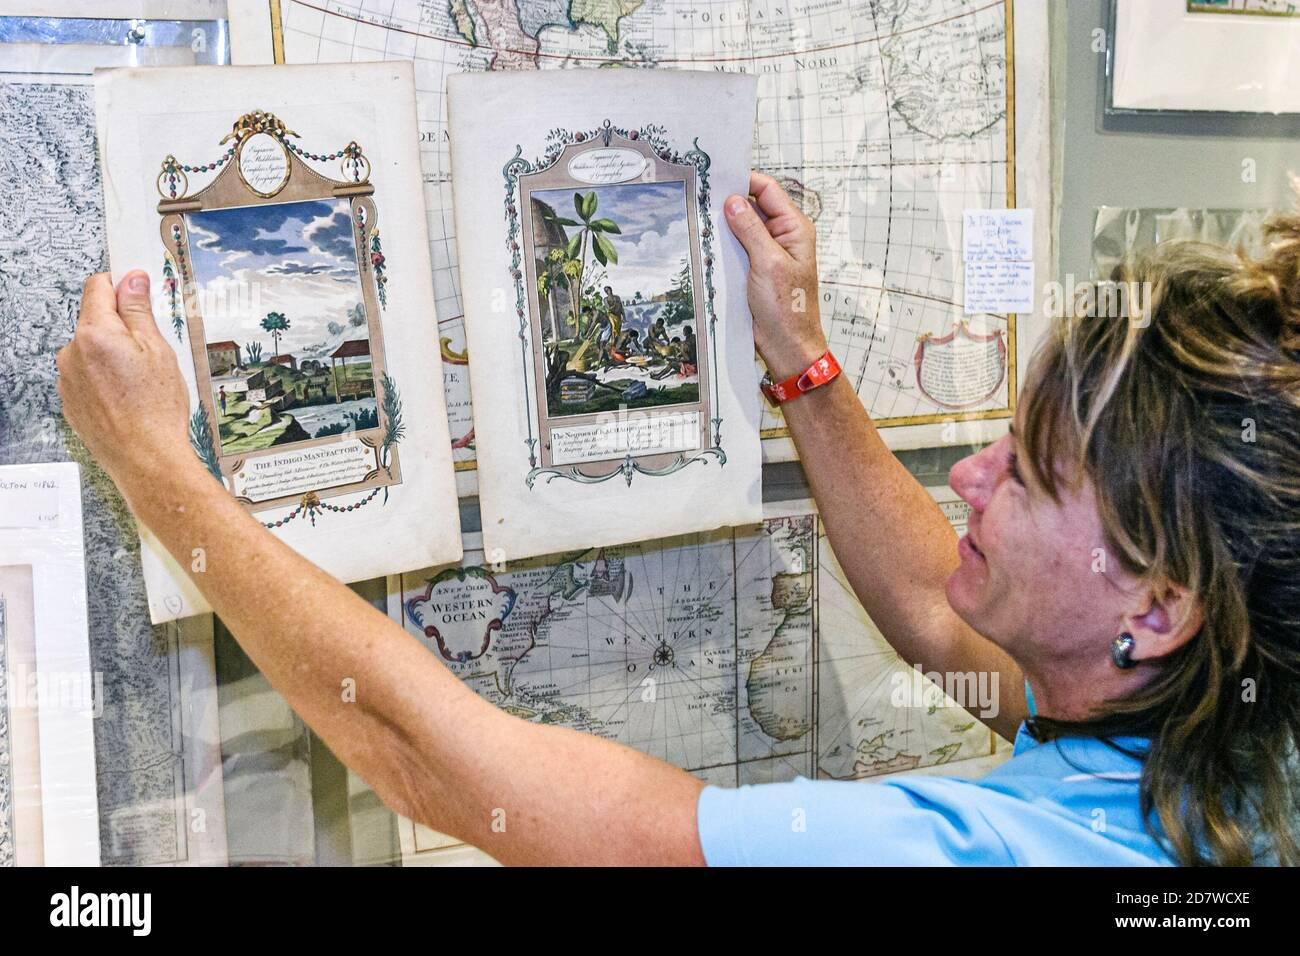 Florida Miami HistoryMiami Museum histoire, International Map Fair annuel événement à l'intérieur, vendeur de collectionneurs inspection, Banque D'Images